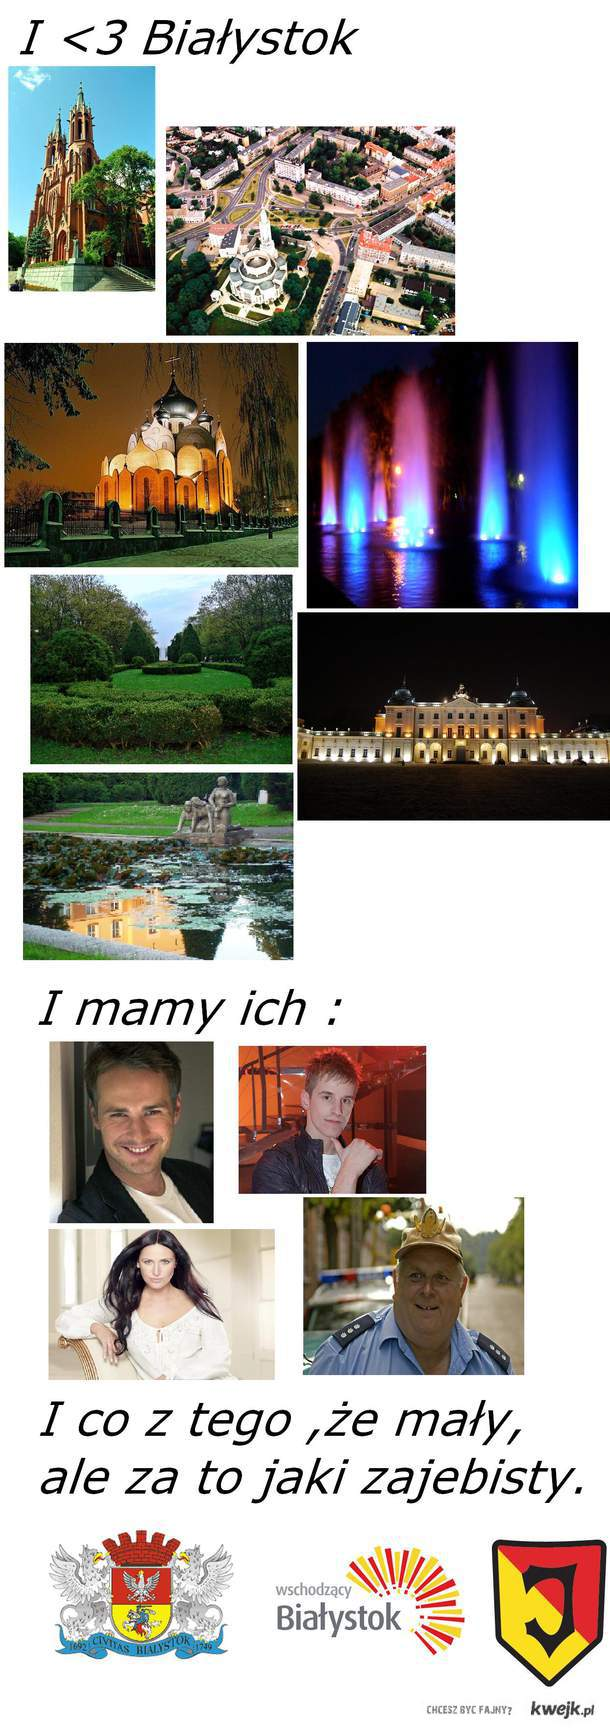 I <3 Białystok